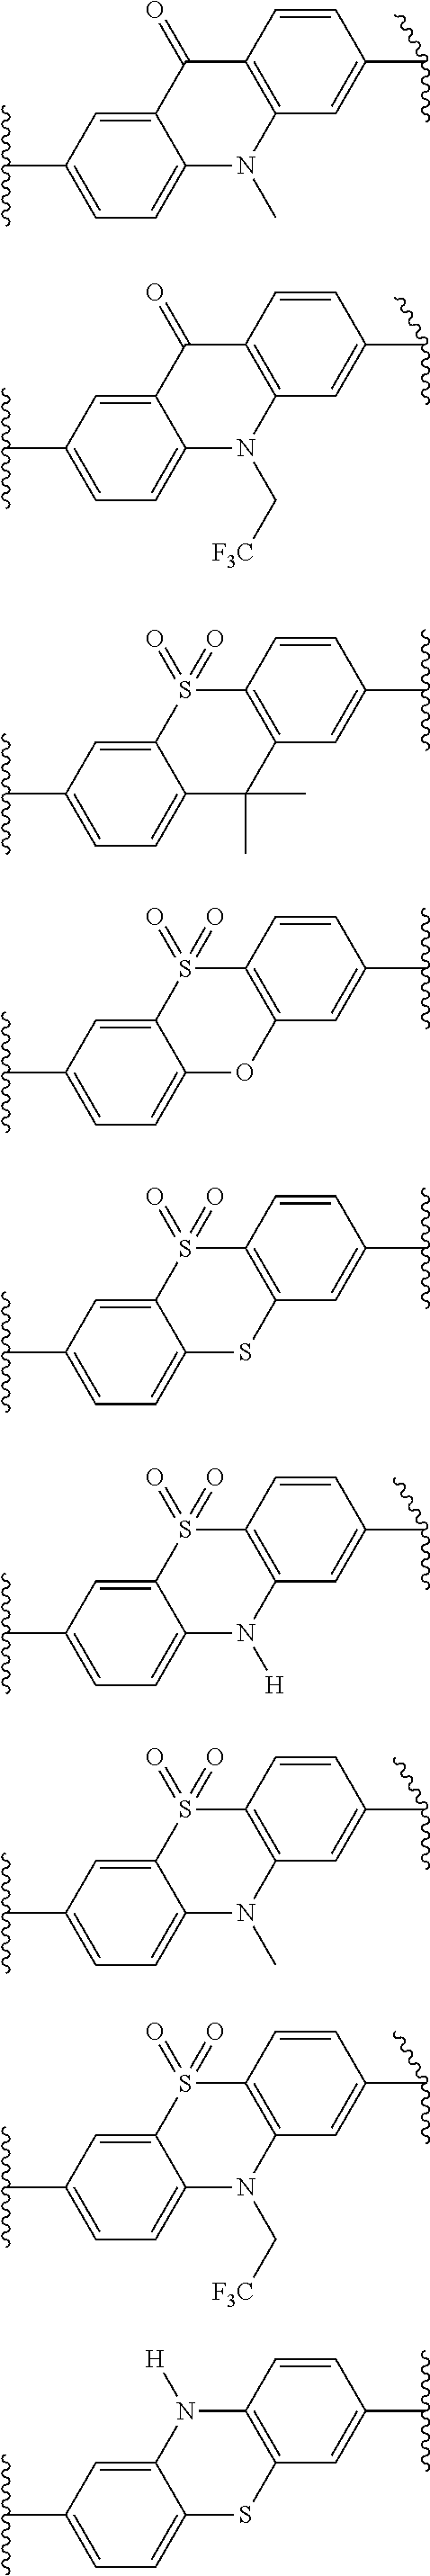 Figure US08841278-20140923-C00193